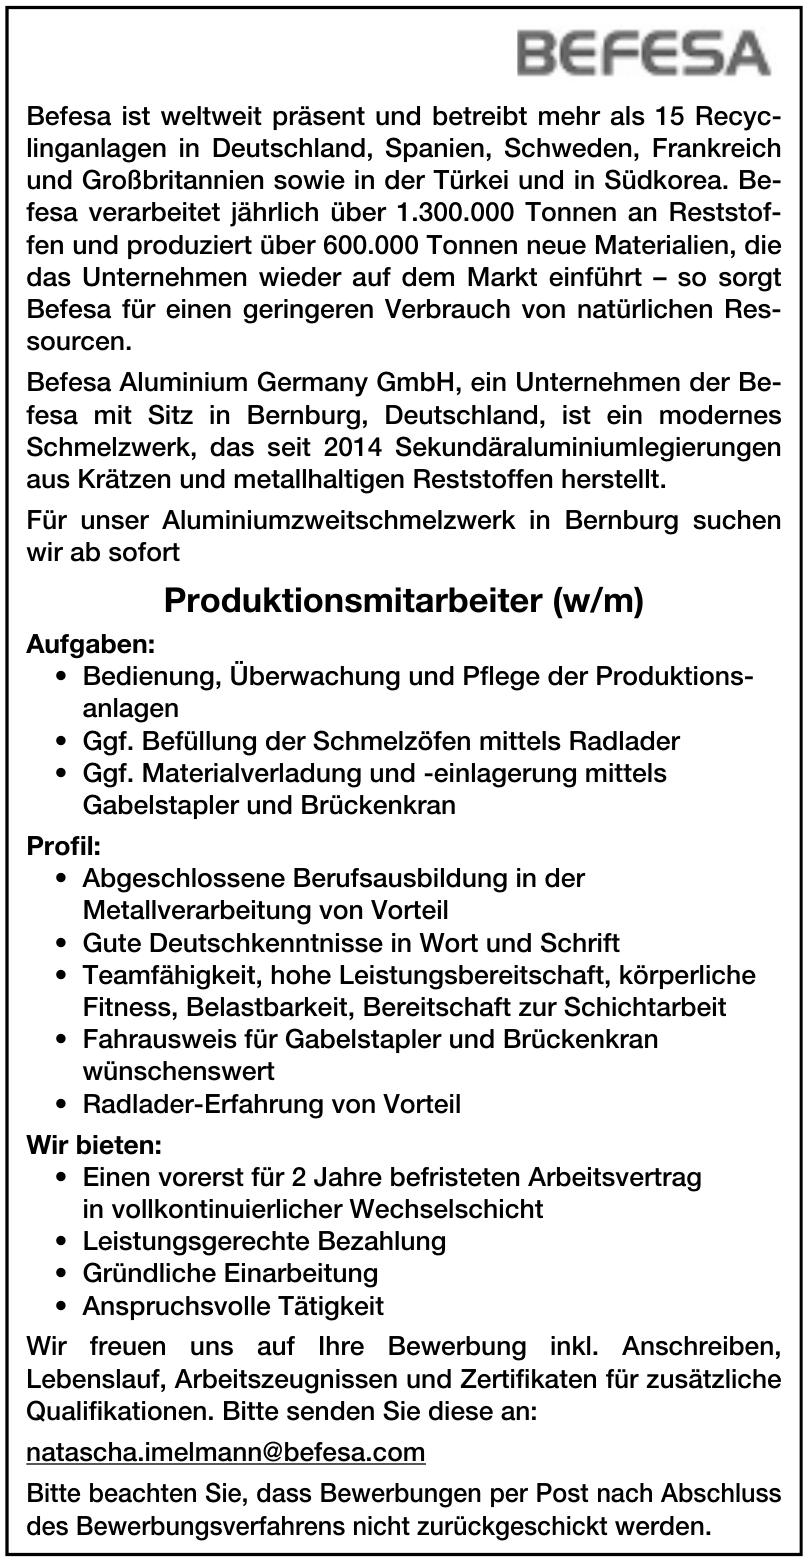 Befesa Aluminium Germany GmbH